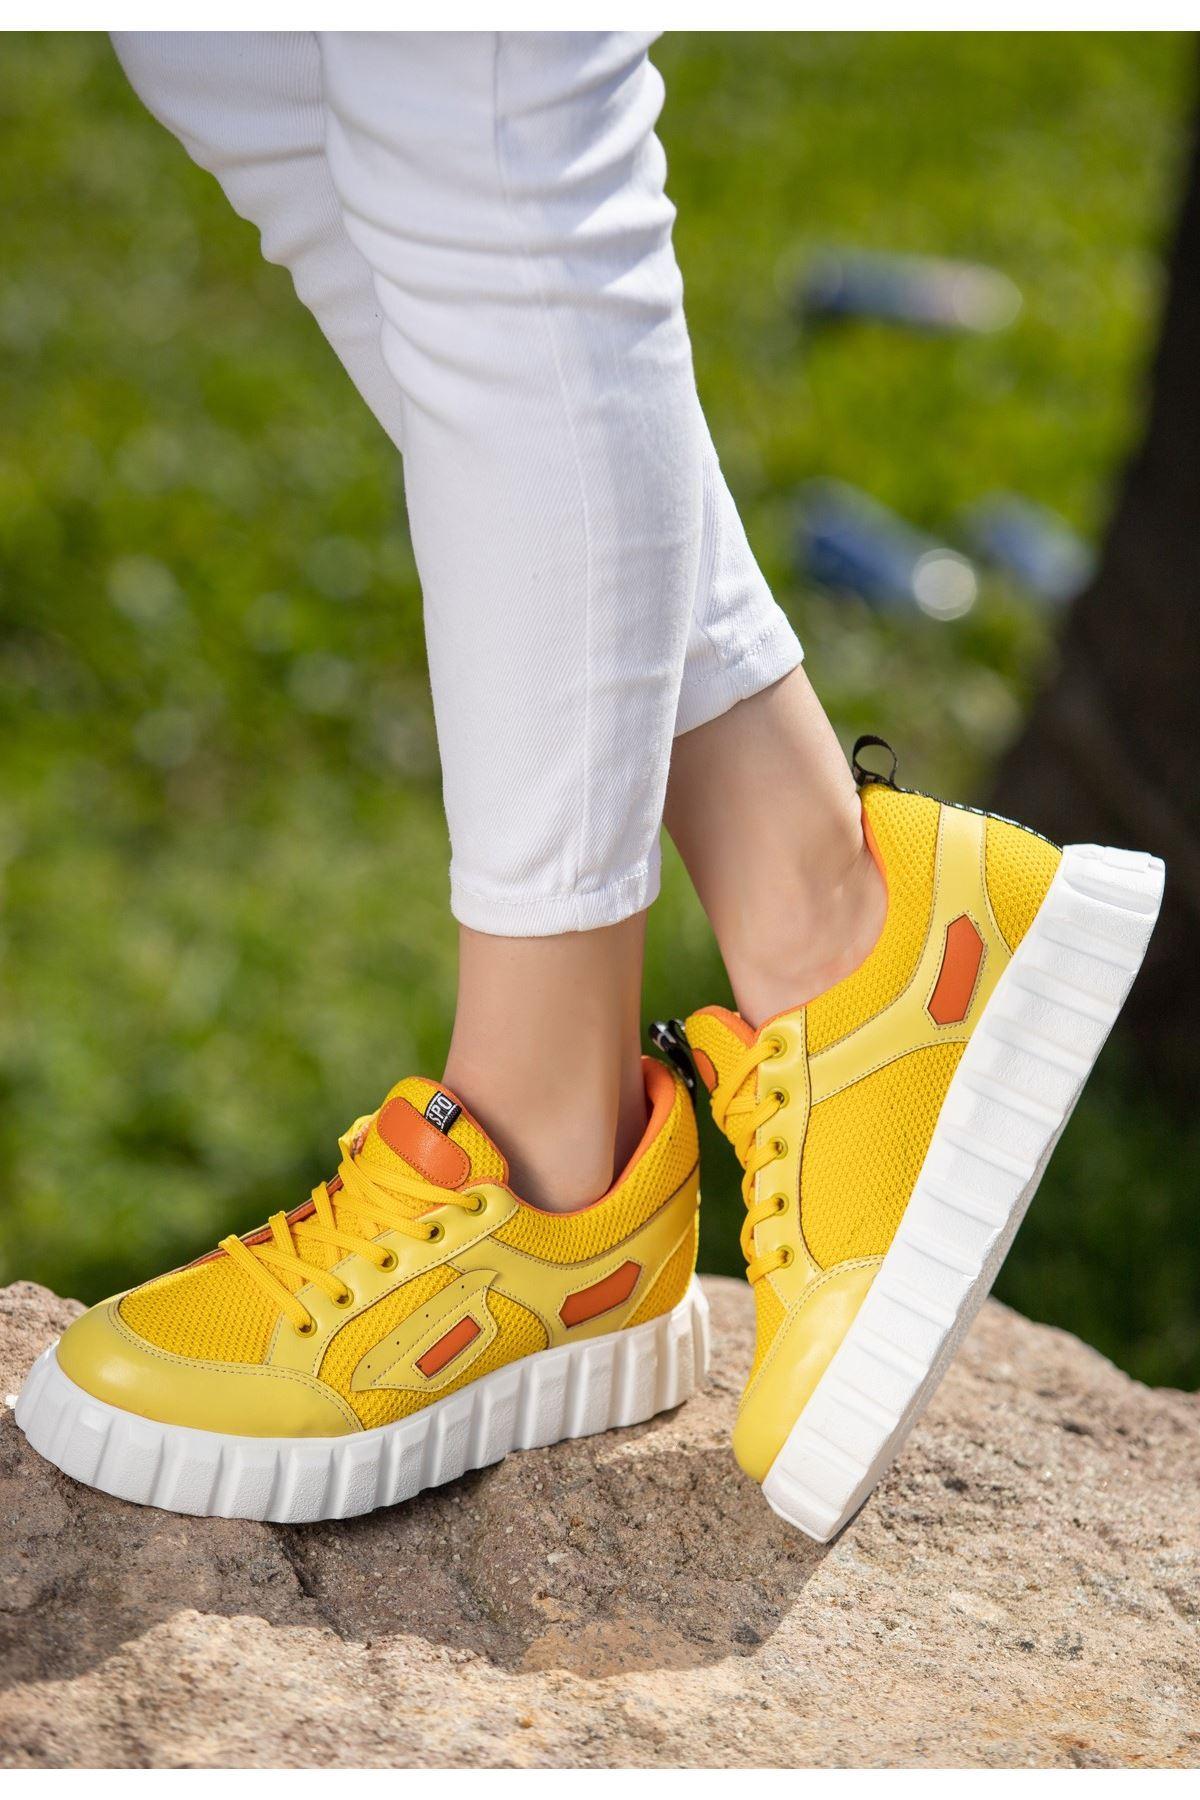 Adna Sarı Cilt Bağcıklı Spor Ayakkabı